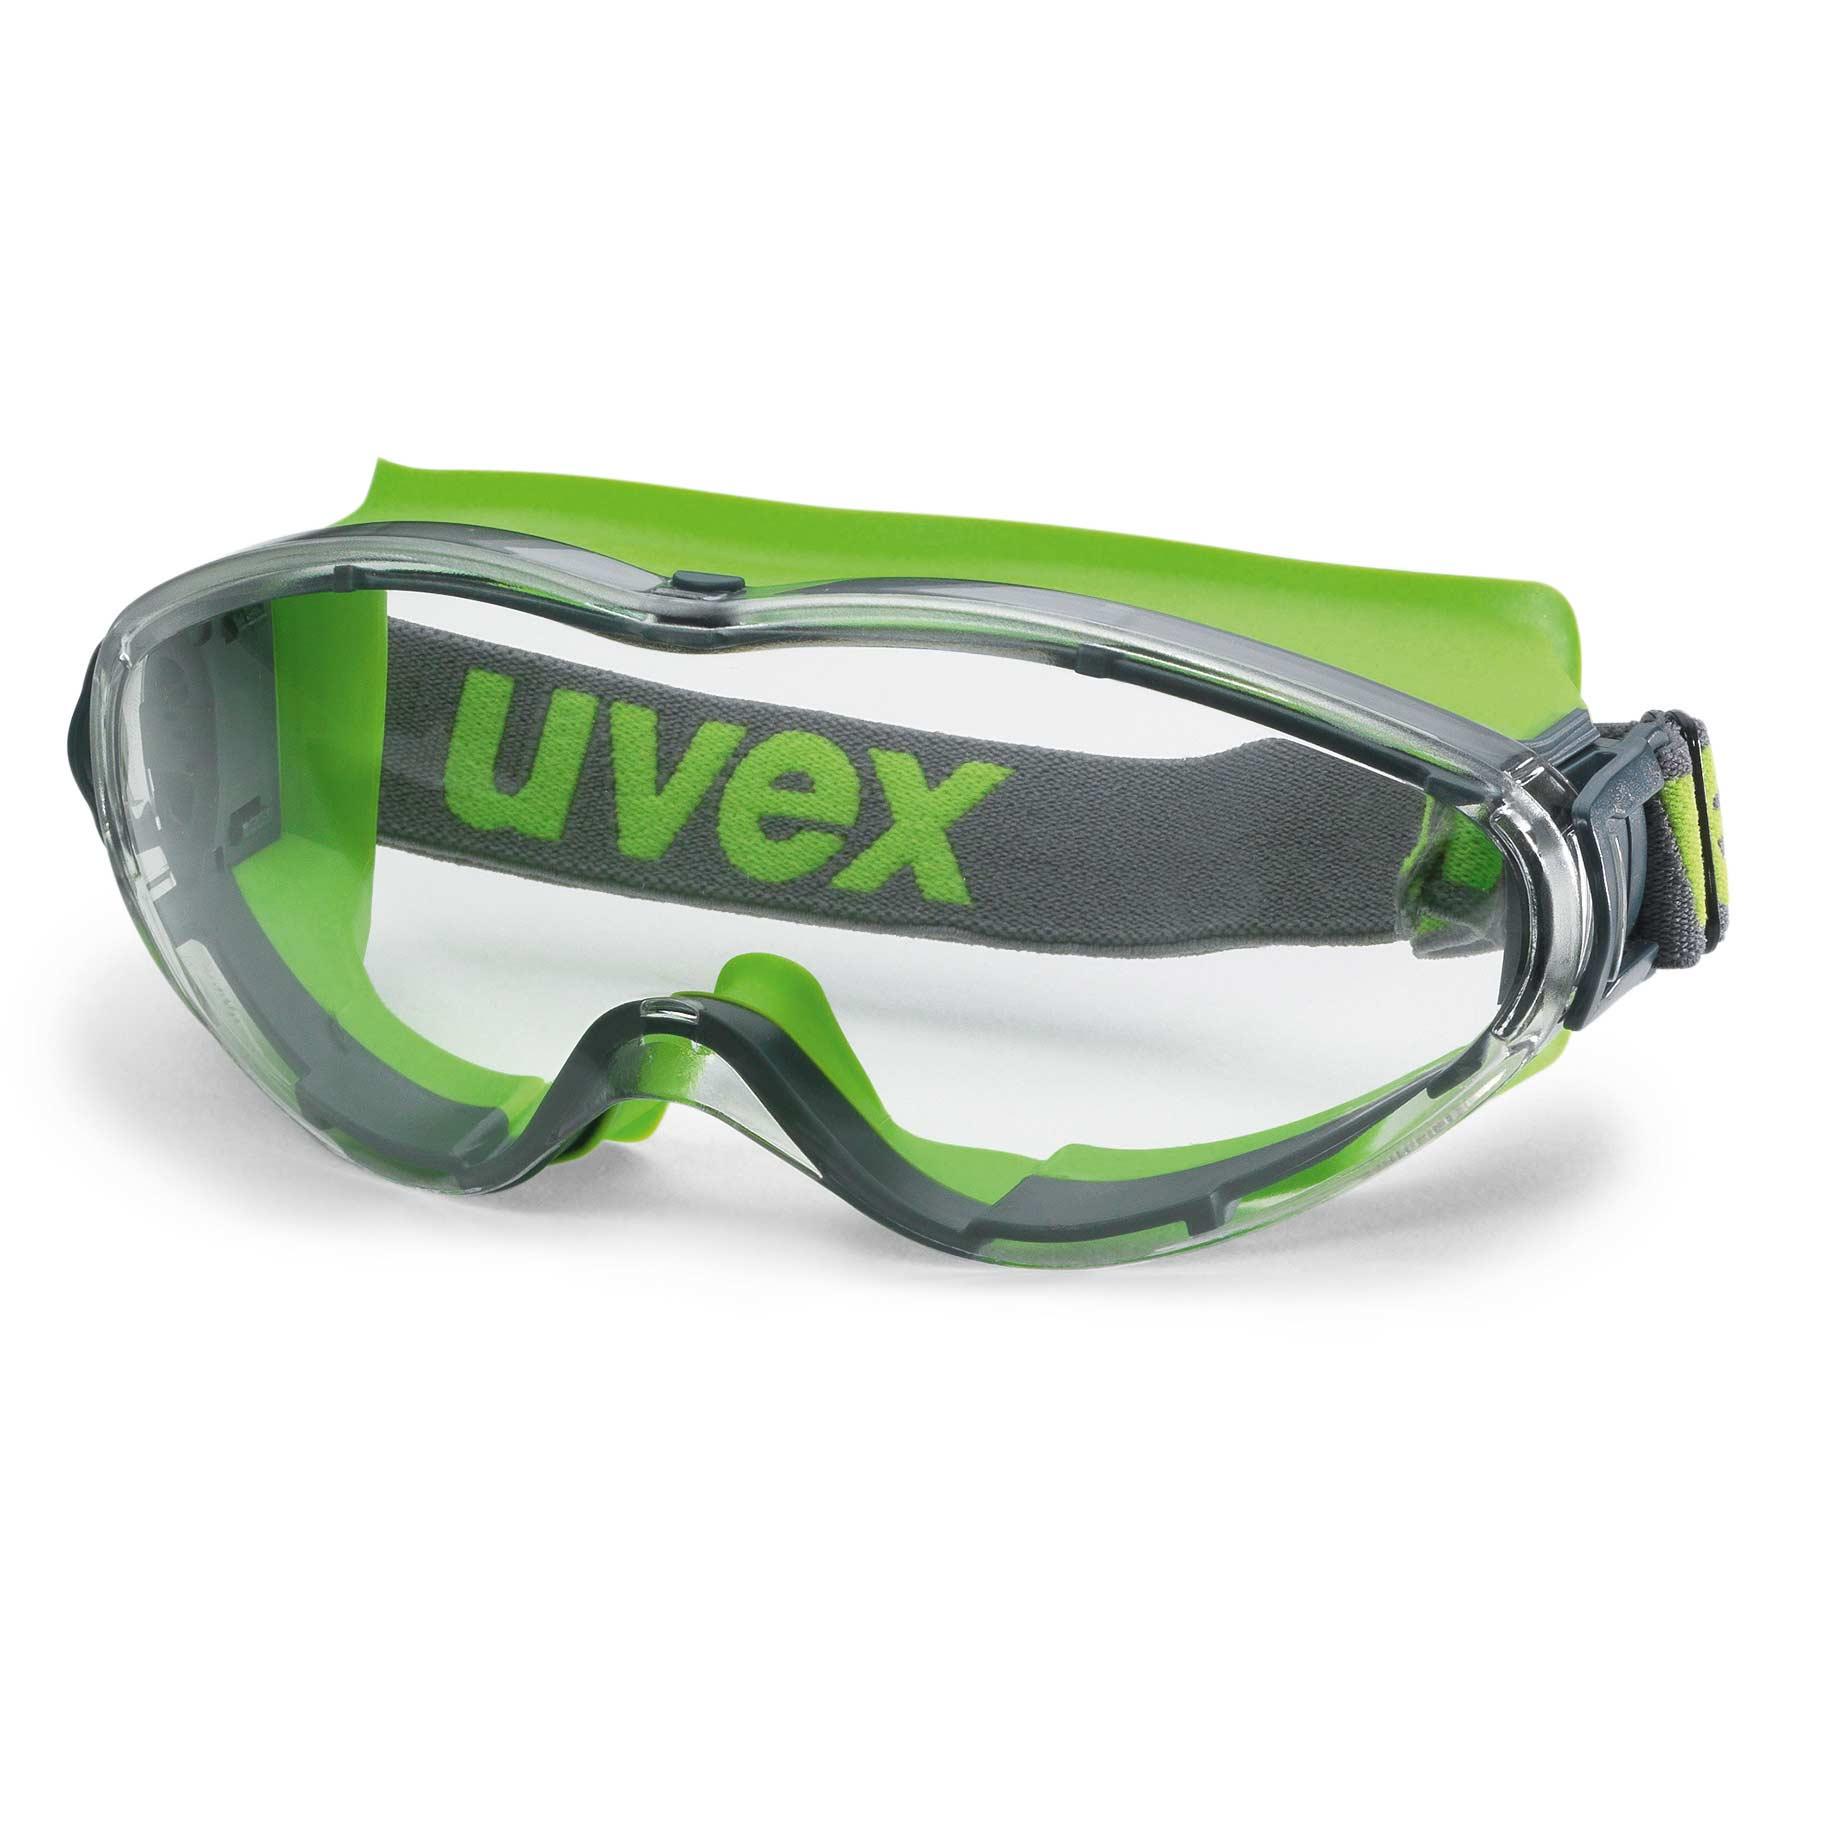 Uvex Ultrasonic Goggles Safety Glasses Uvex Safety